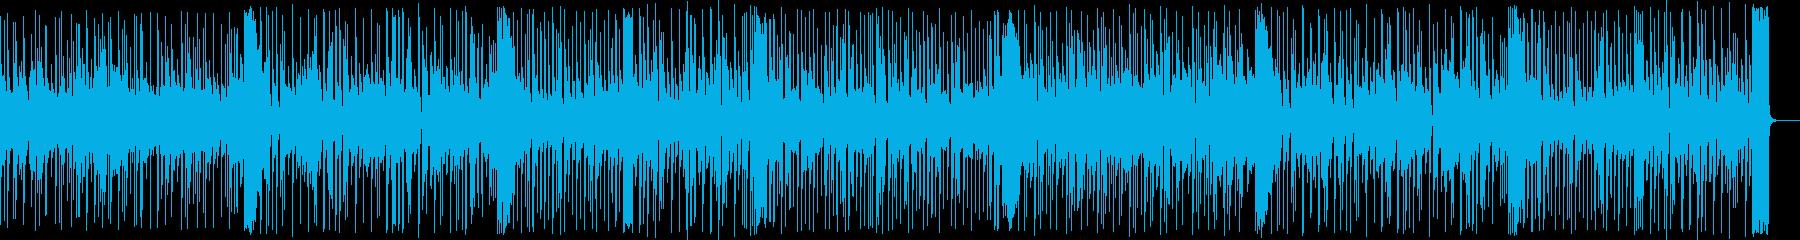 爽やかで優しいホッとする感じの曲の再生済みの波形